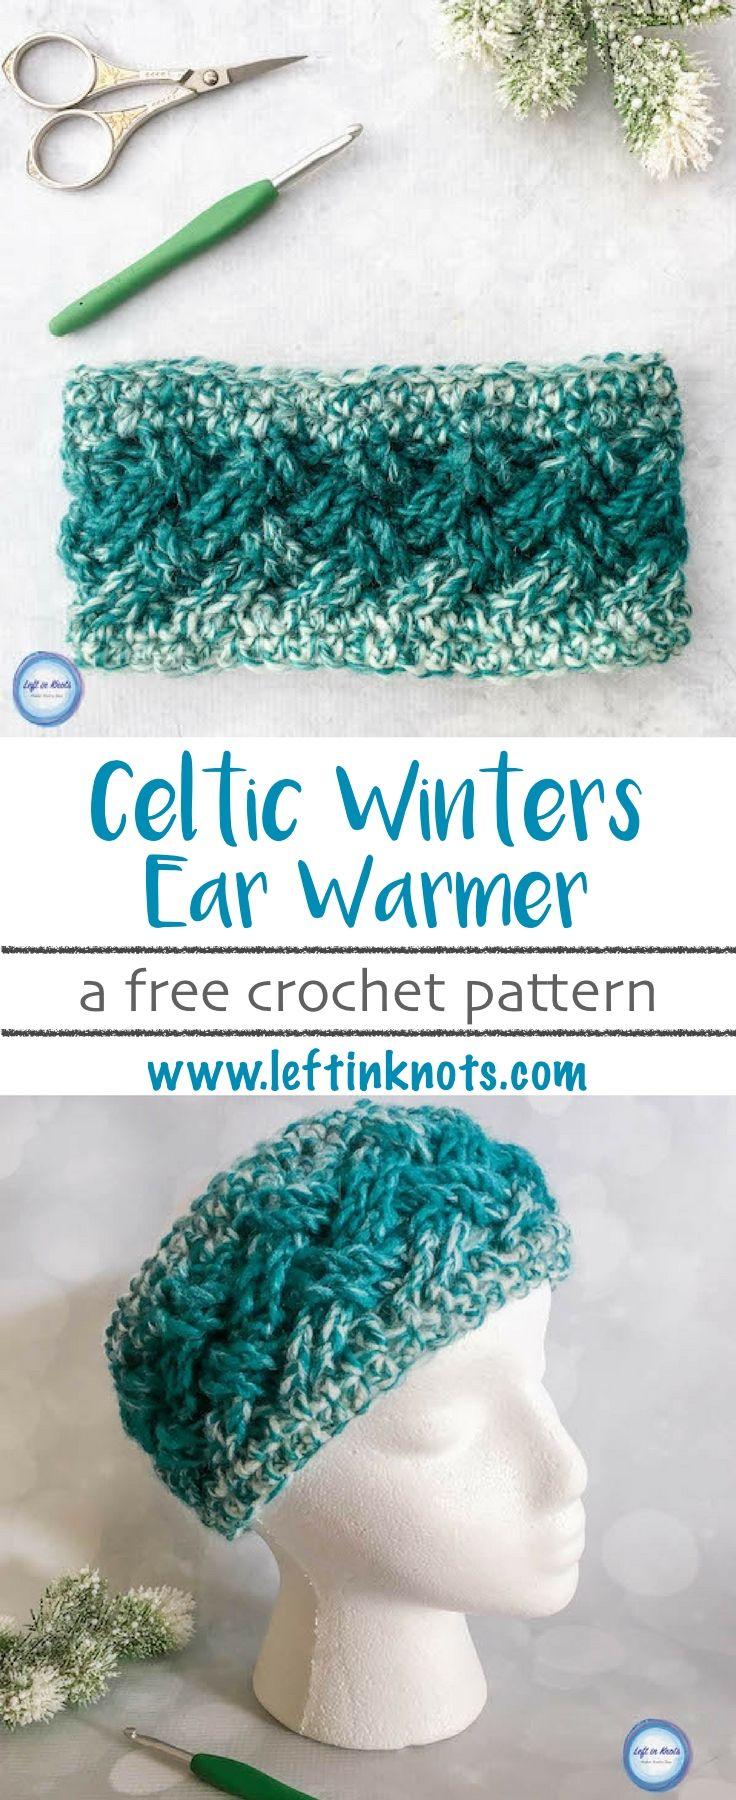 Celtic Winters Ear Warmer Crochet Pattern | Häkeln, Stricken und ...